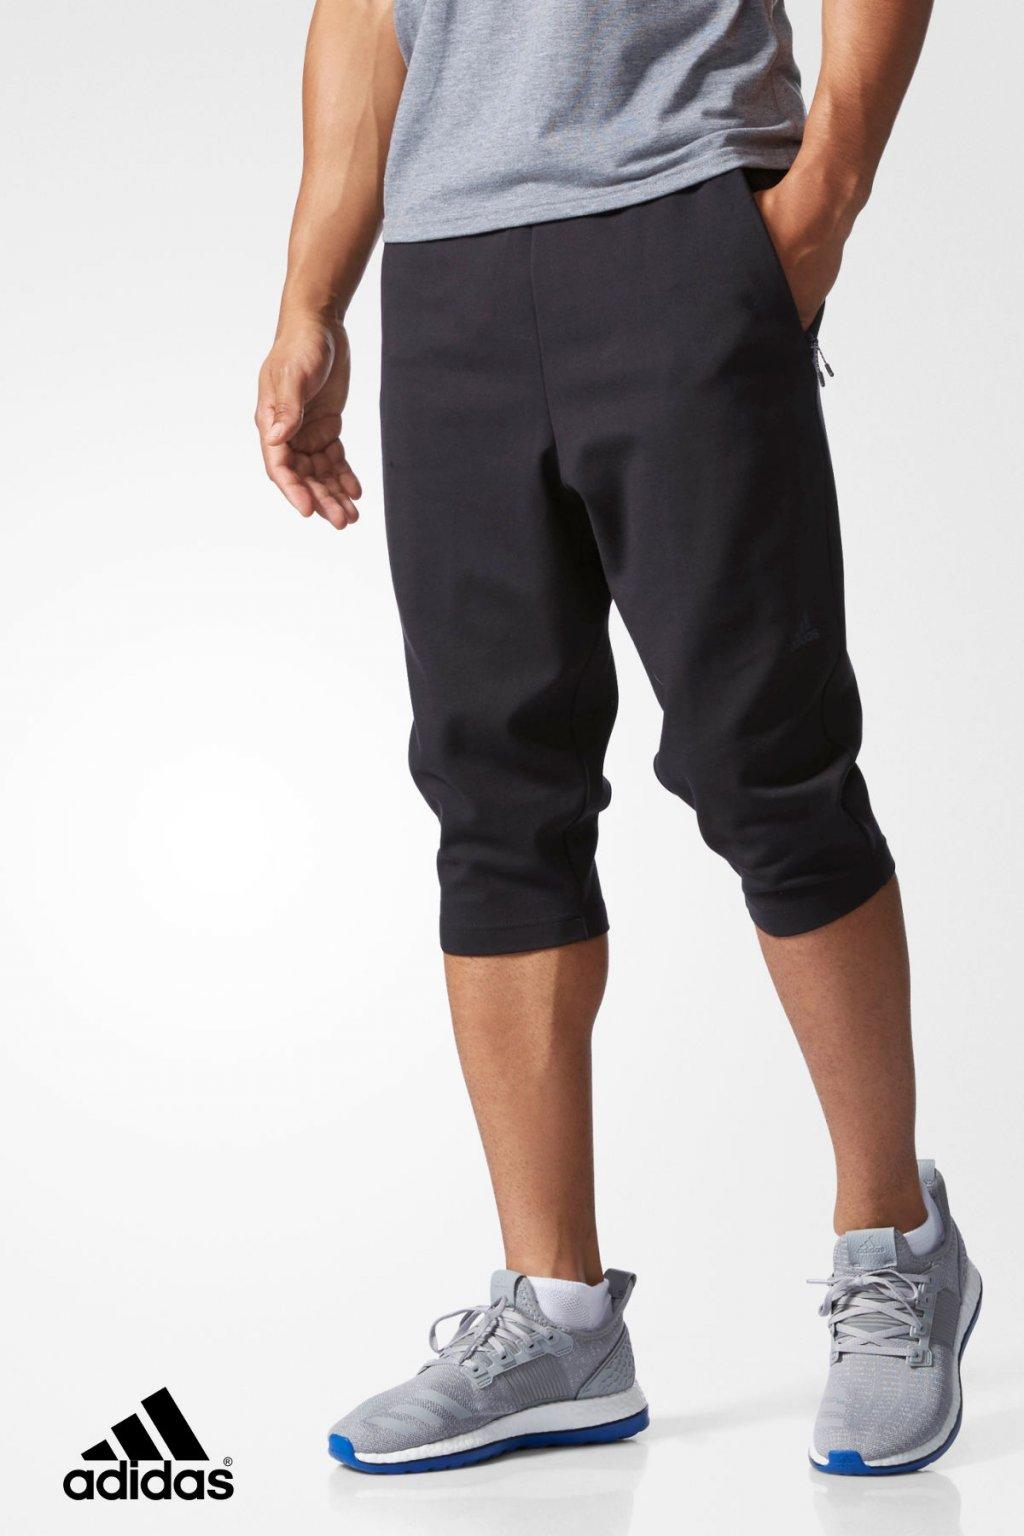 S94821 krátke nohavice adidas zne fm